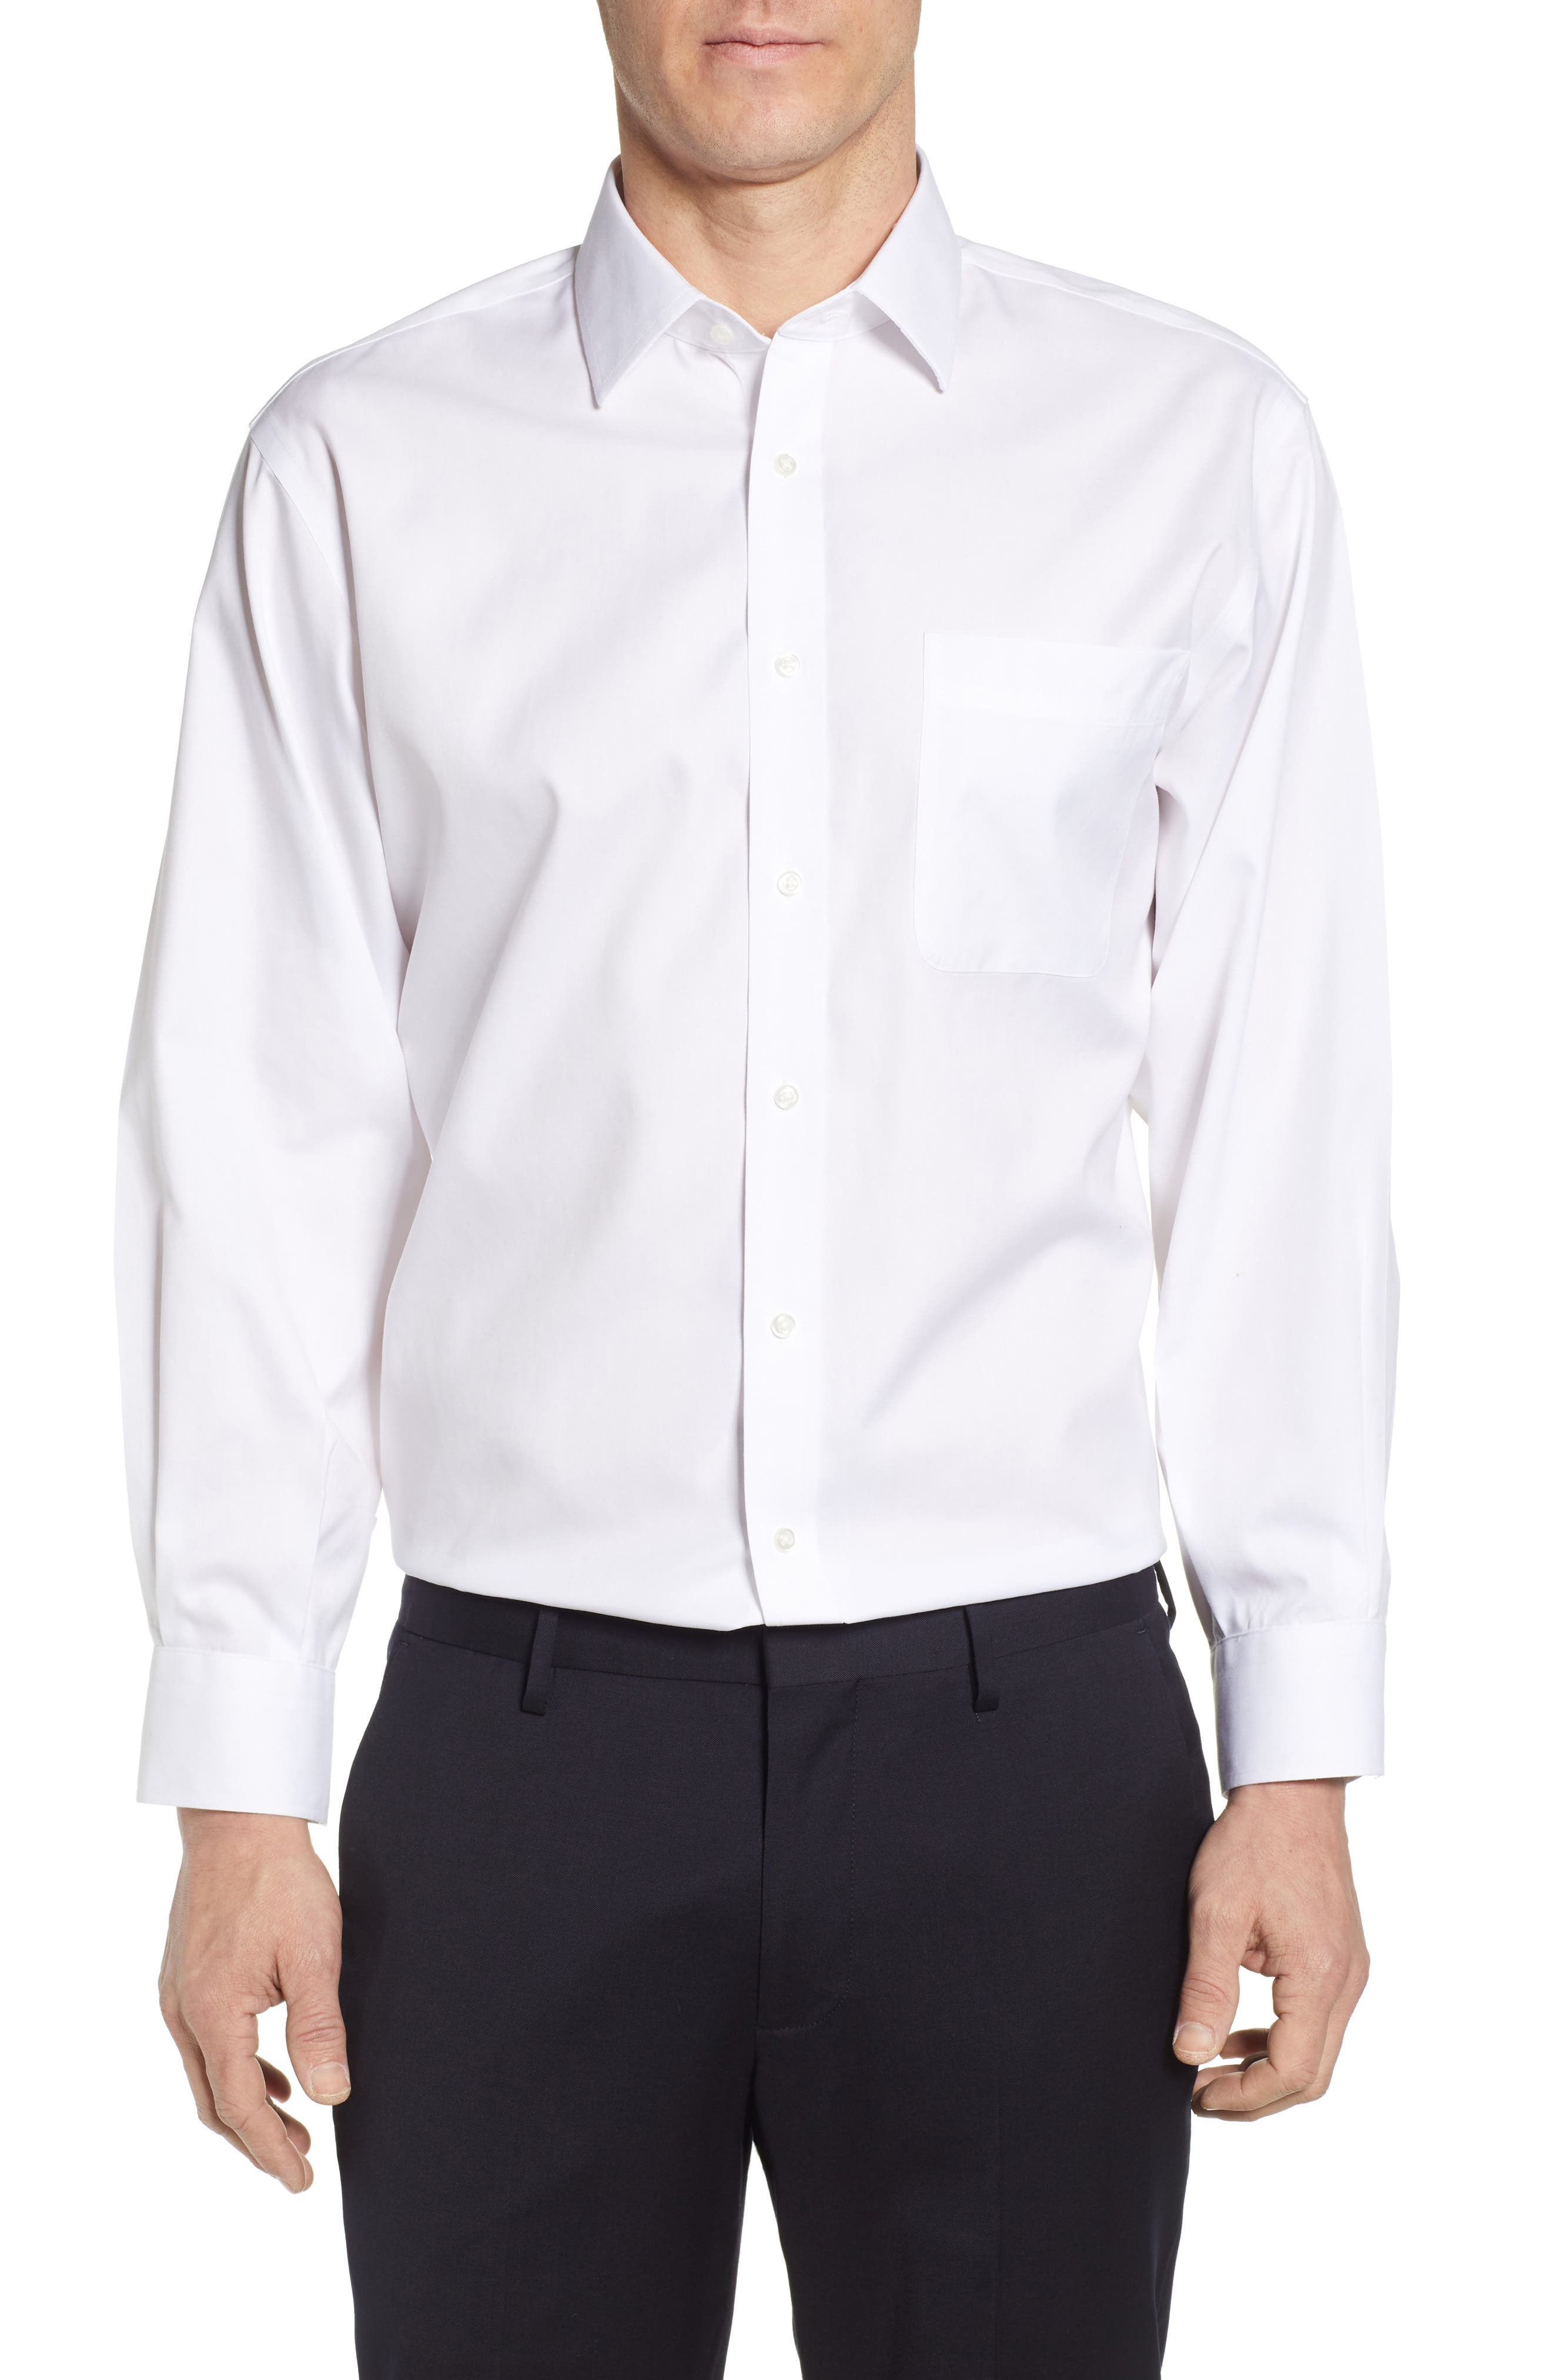 NORDSTROM MEN'S SHOP Smartcare<sup>™</sup> Classic Fit Solid Dress Shirt, Main, color, WHITE BRILLIANT